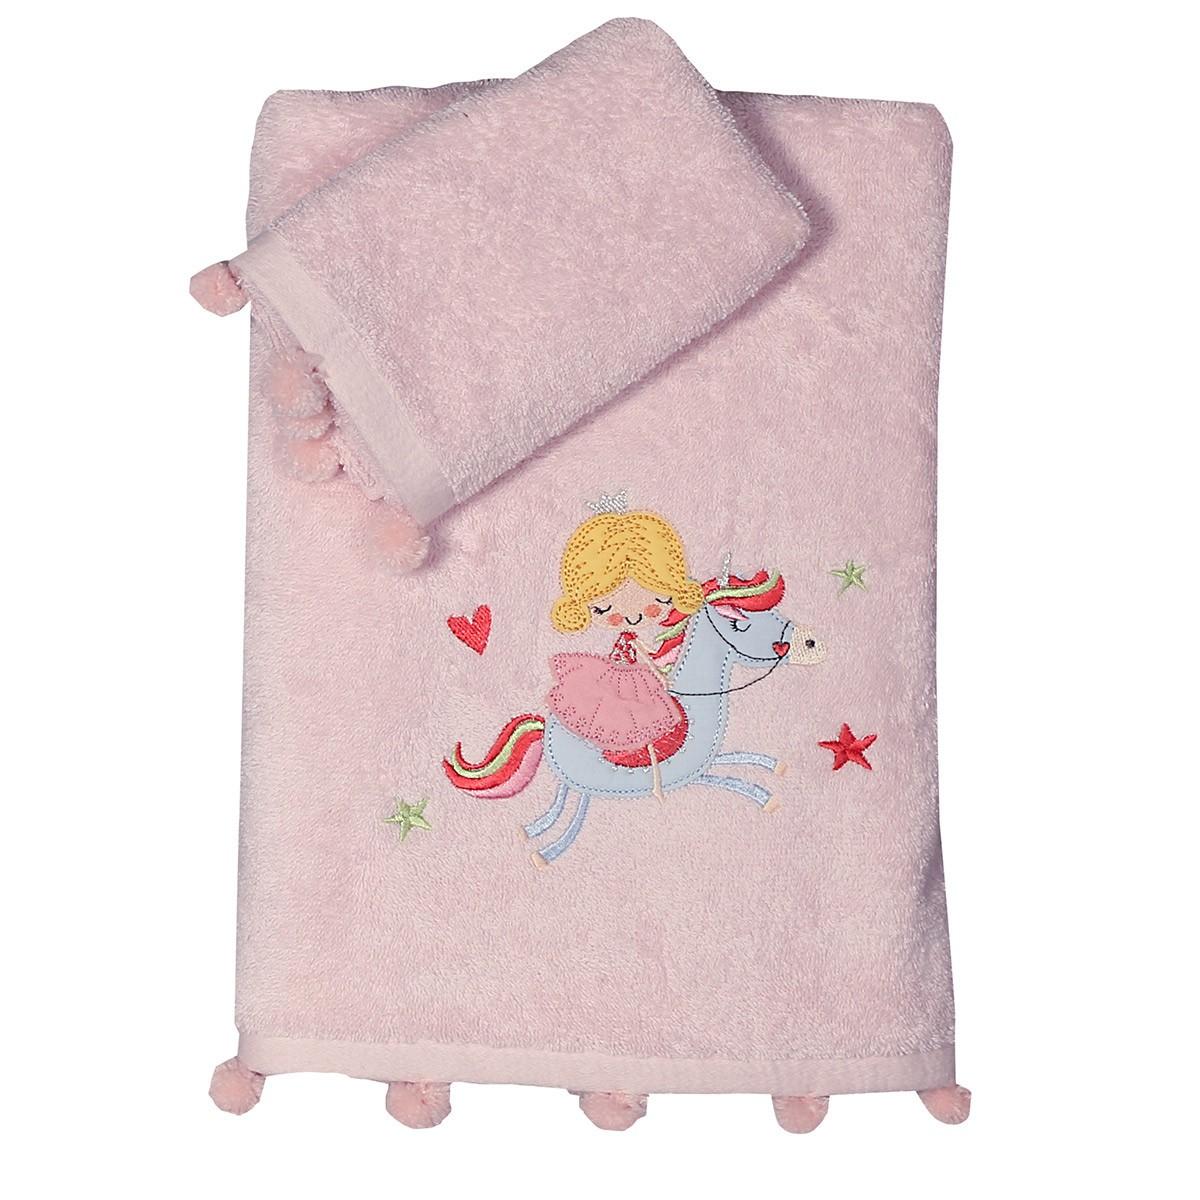 Παιδικές Πετσέτες (Σετ 2τμχ) Nef-Nef Kid Tiny Princess